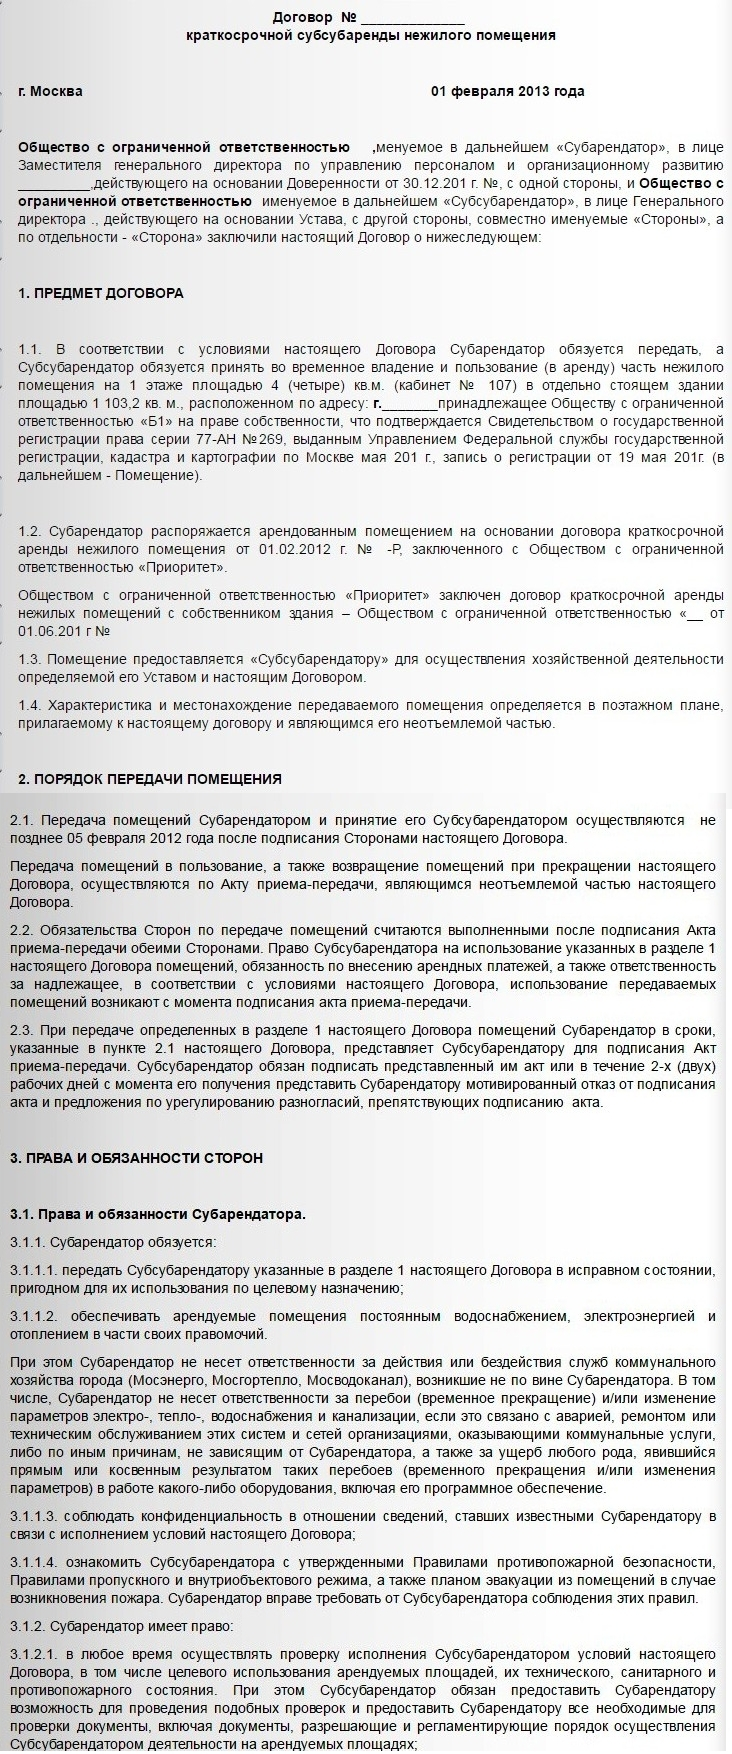 договор субаренды нежилого помещения украина образец